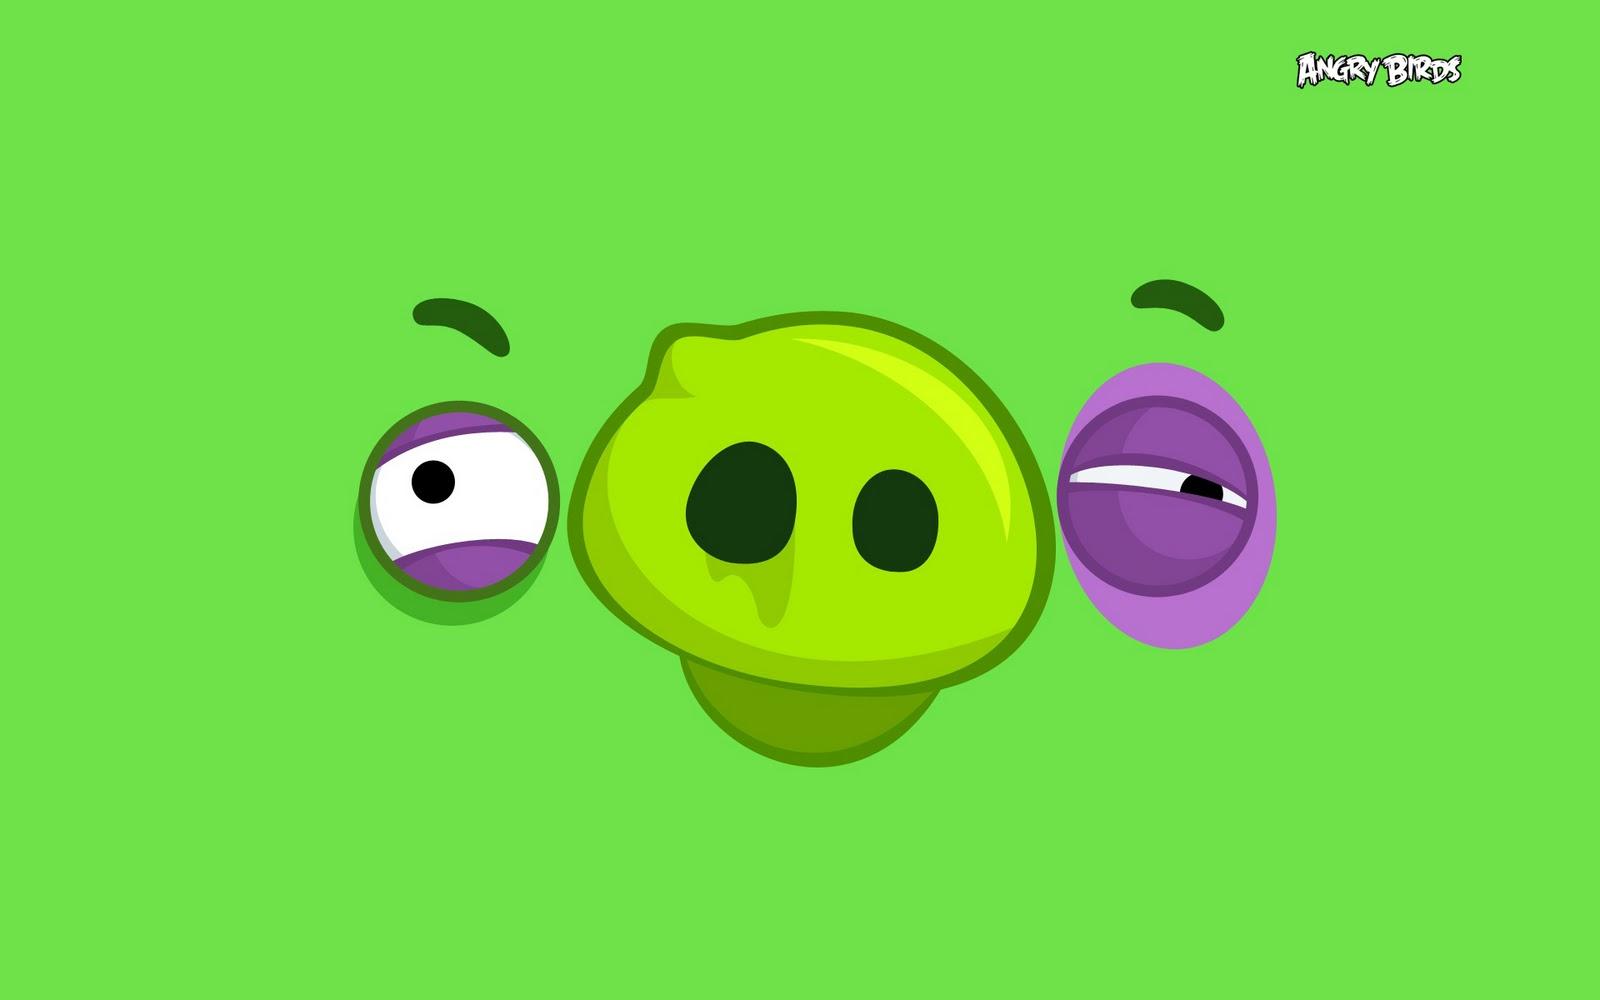 http://3.bp.blogspot.com/-USc9jEyTm74/TuEJoOkFGpI/AAAAAAAAJl4/n7synu1mgok/s1600/AngryBirds012.jpg